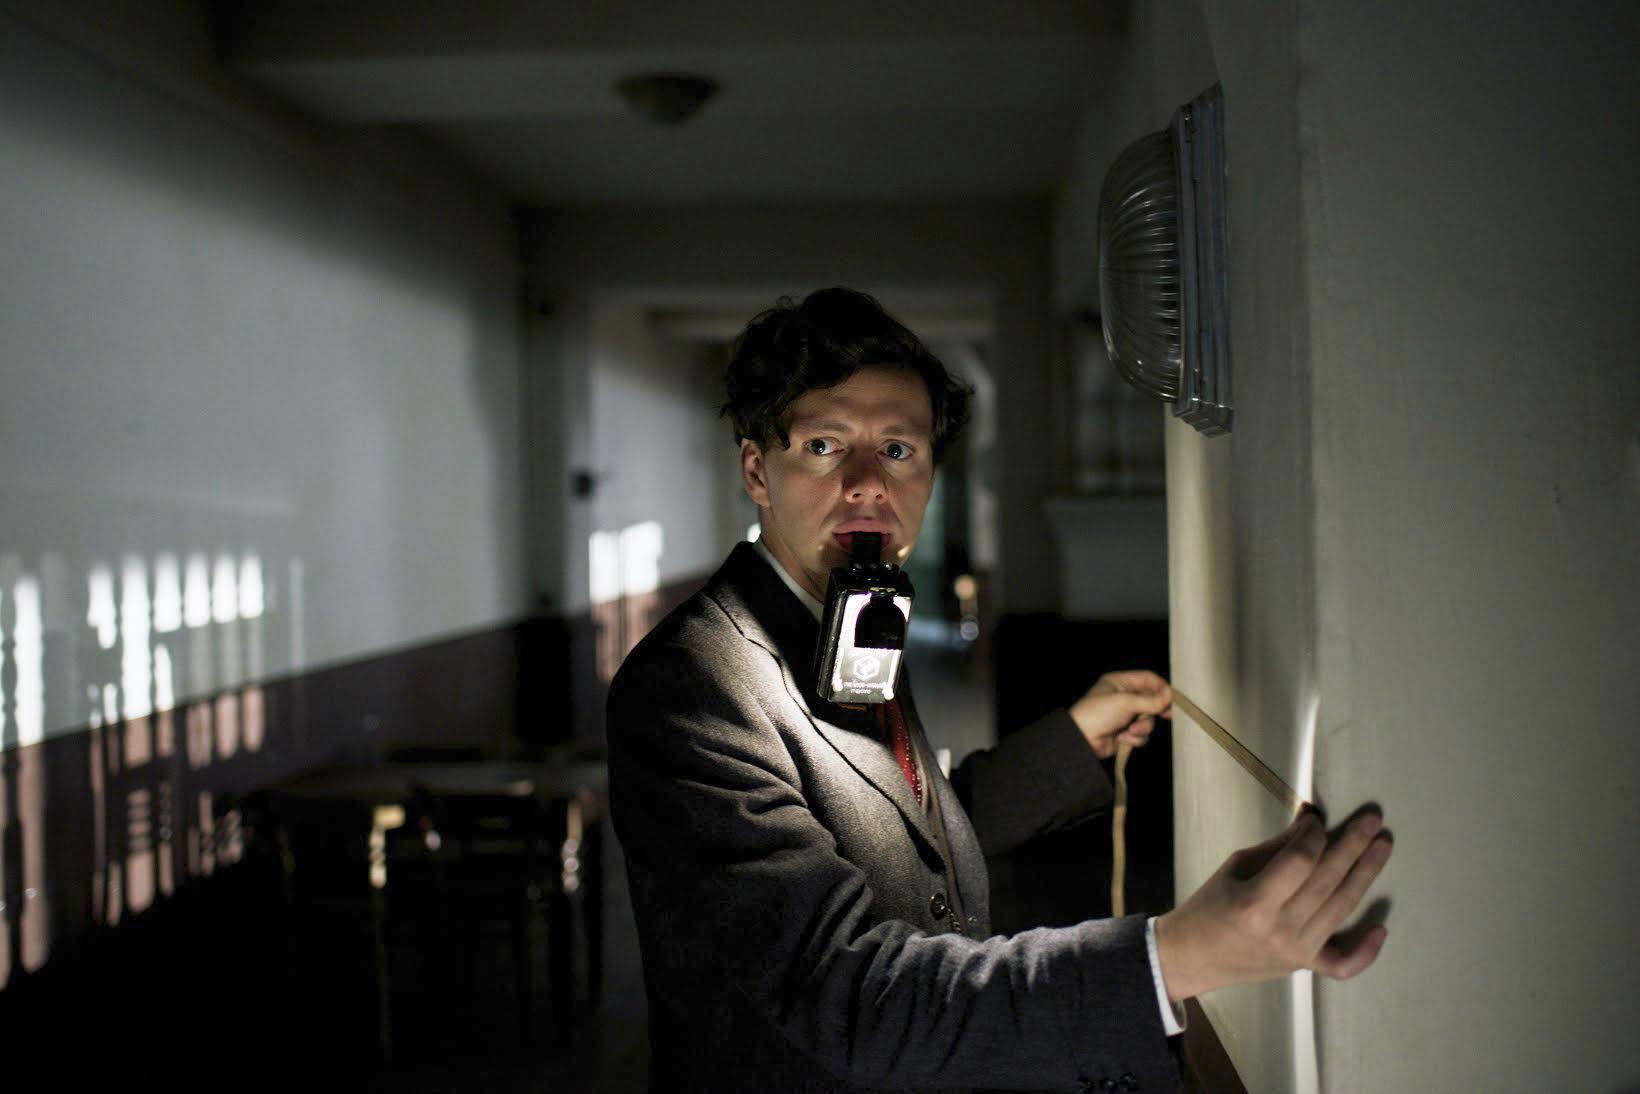 a suspicious looking man in a dark hallway